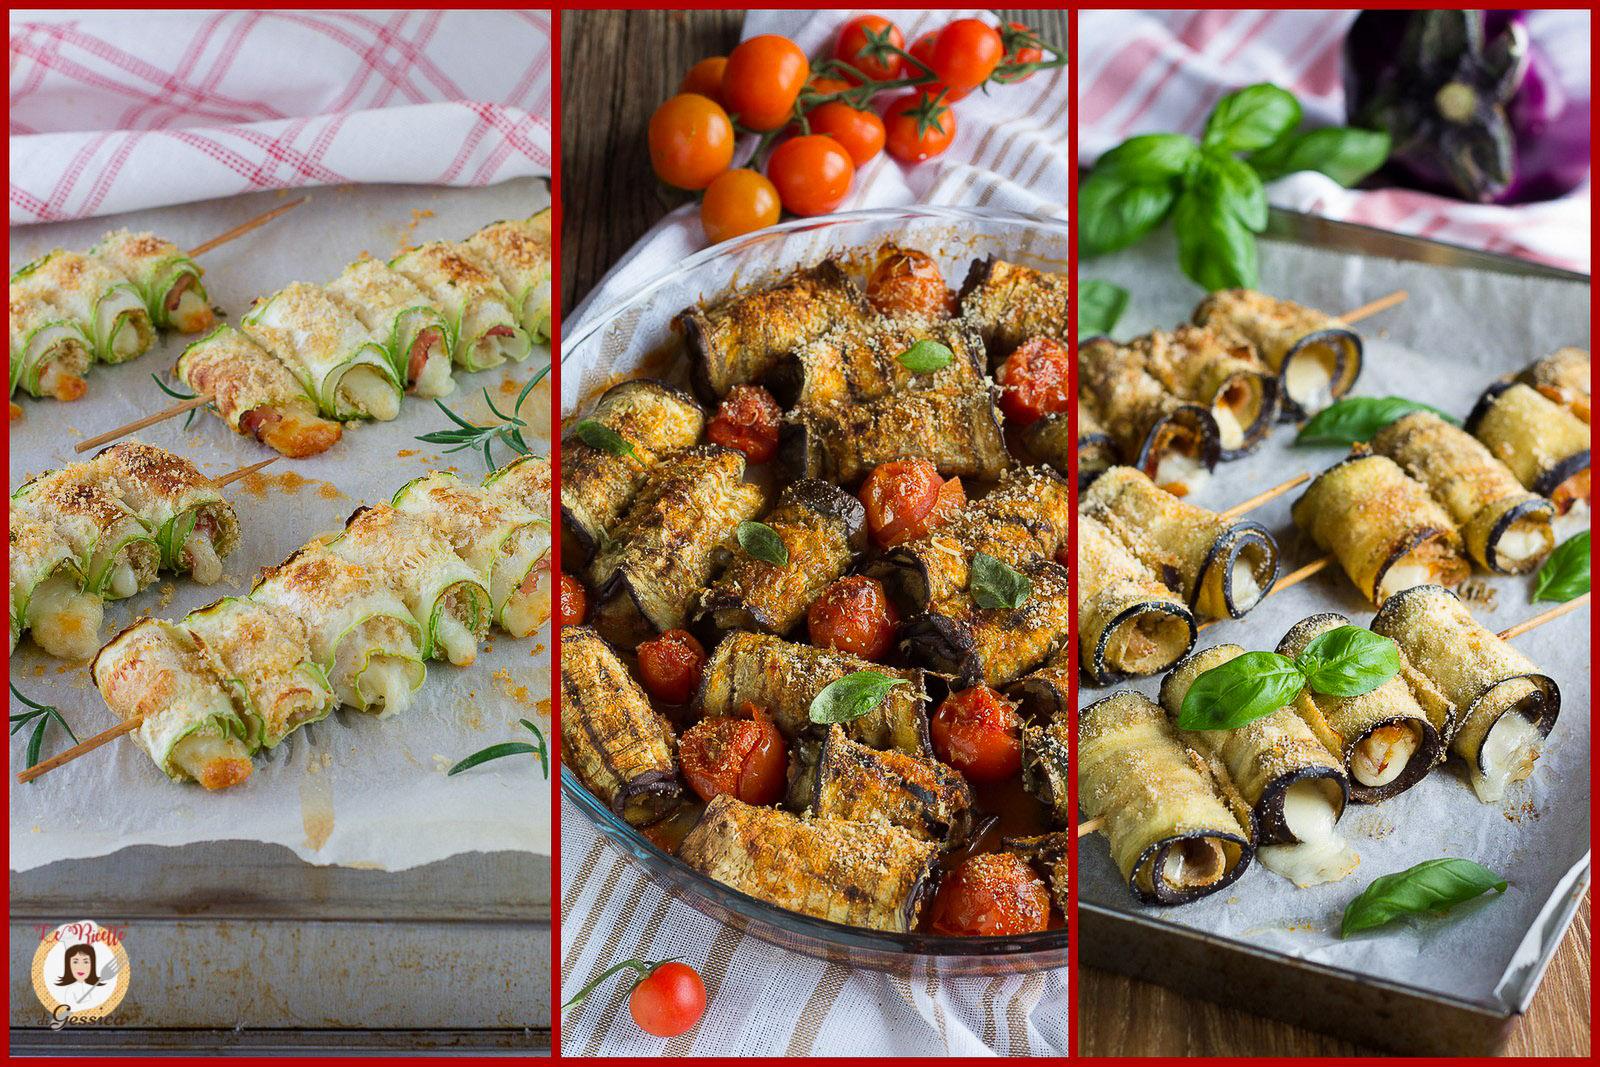 Antipasti Di Natale Con Verdure.Involtini Di Verdure 10 Ricette Facili Di Antipasti Primi E Secondi Piatti